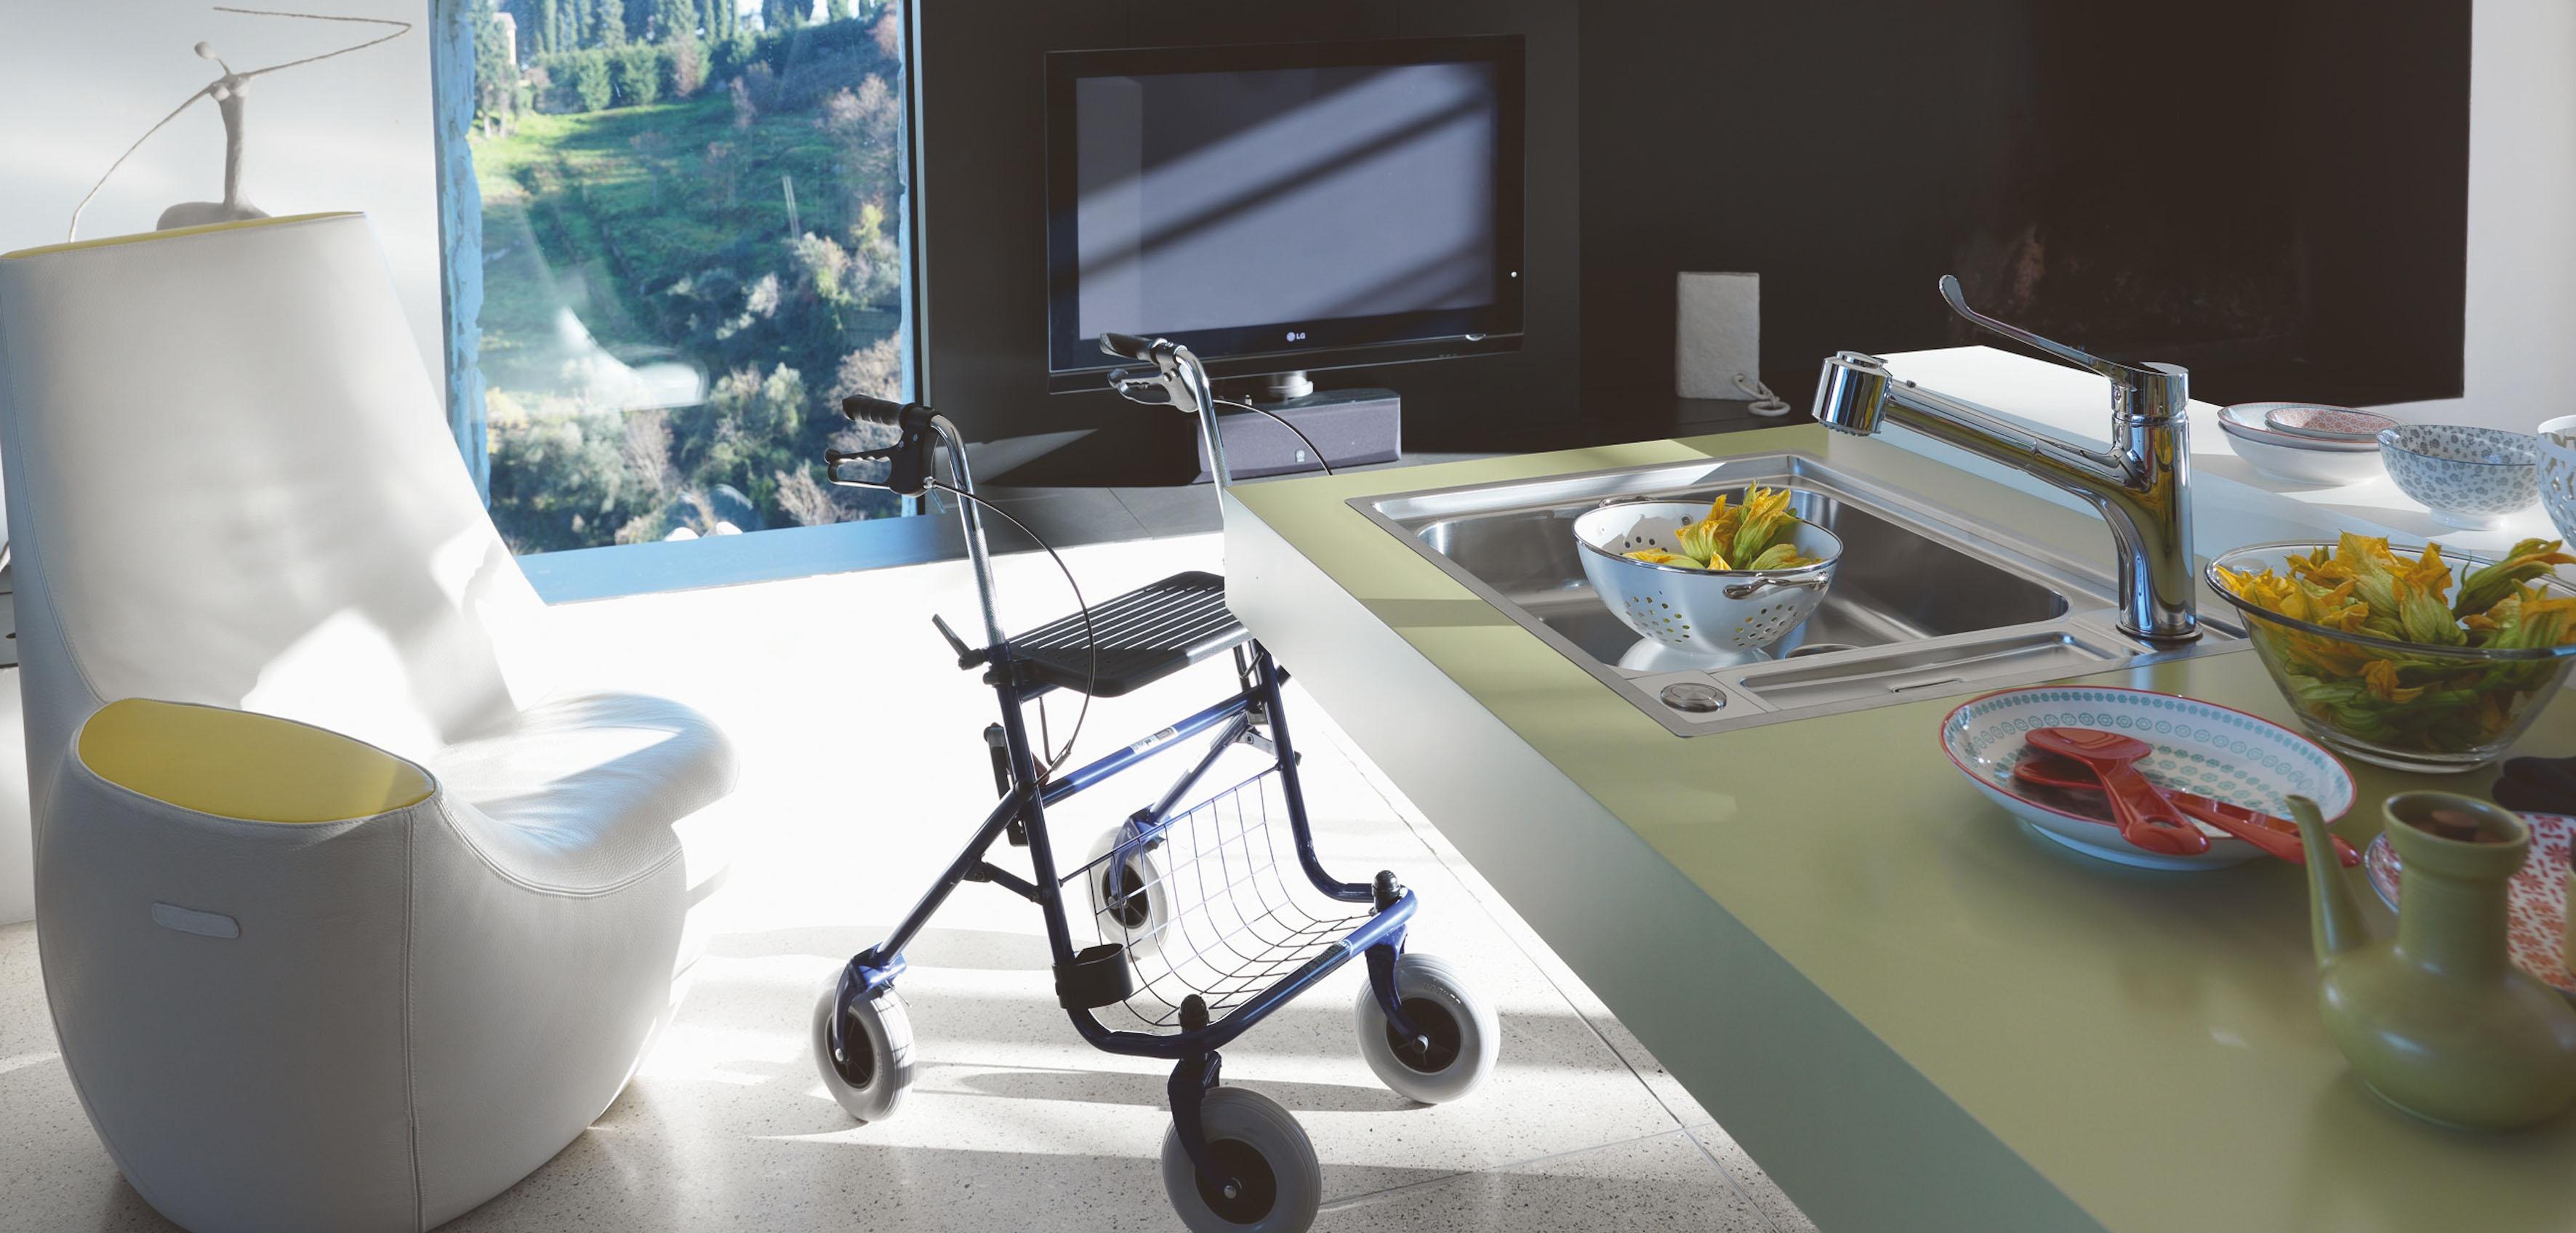 das franke argos care center die barrierefreie sp le kochen essen. Black Bedroom Furniture Sets. Home Design Ideas